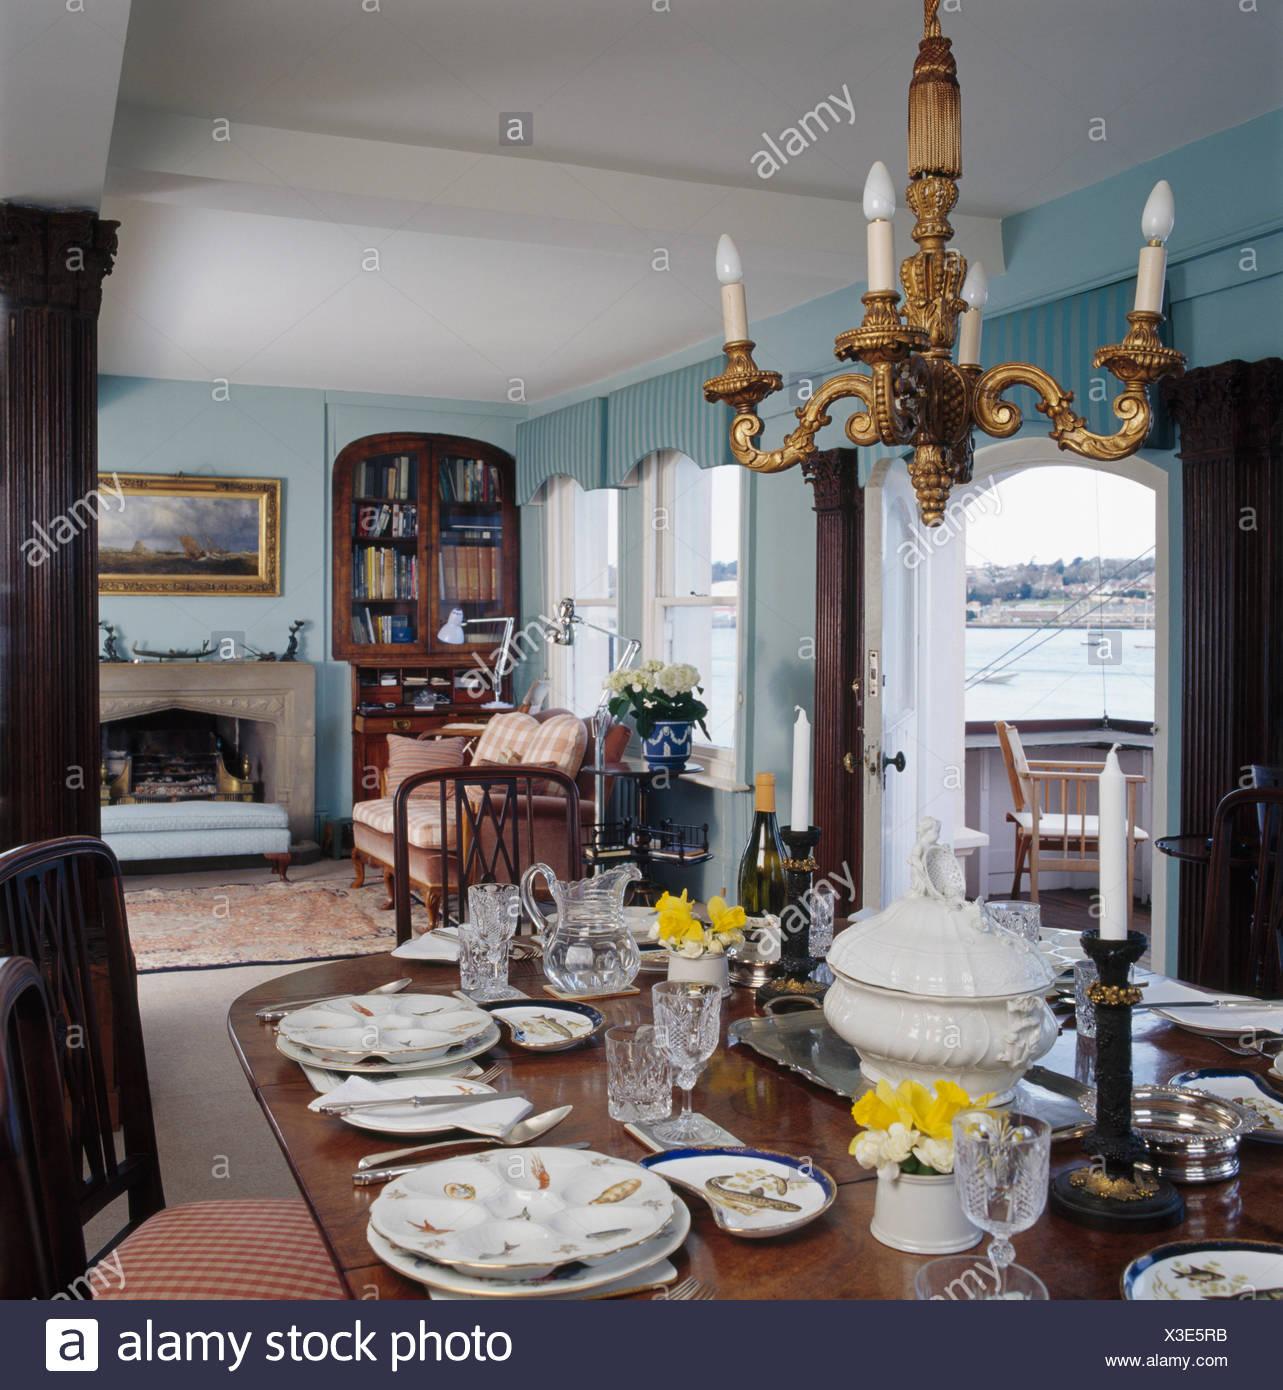 Exceptionnel Set De Table Pour Le Déjeuner Dans La Salle à Manger Avec Côtières Bleu  Lustre Doré